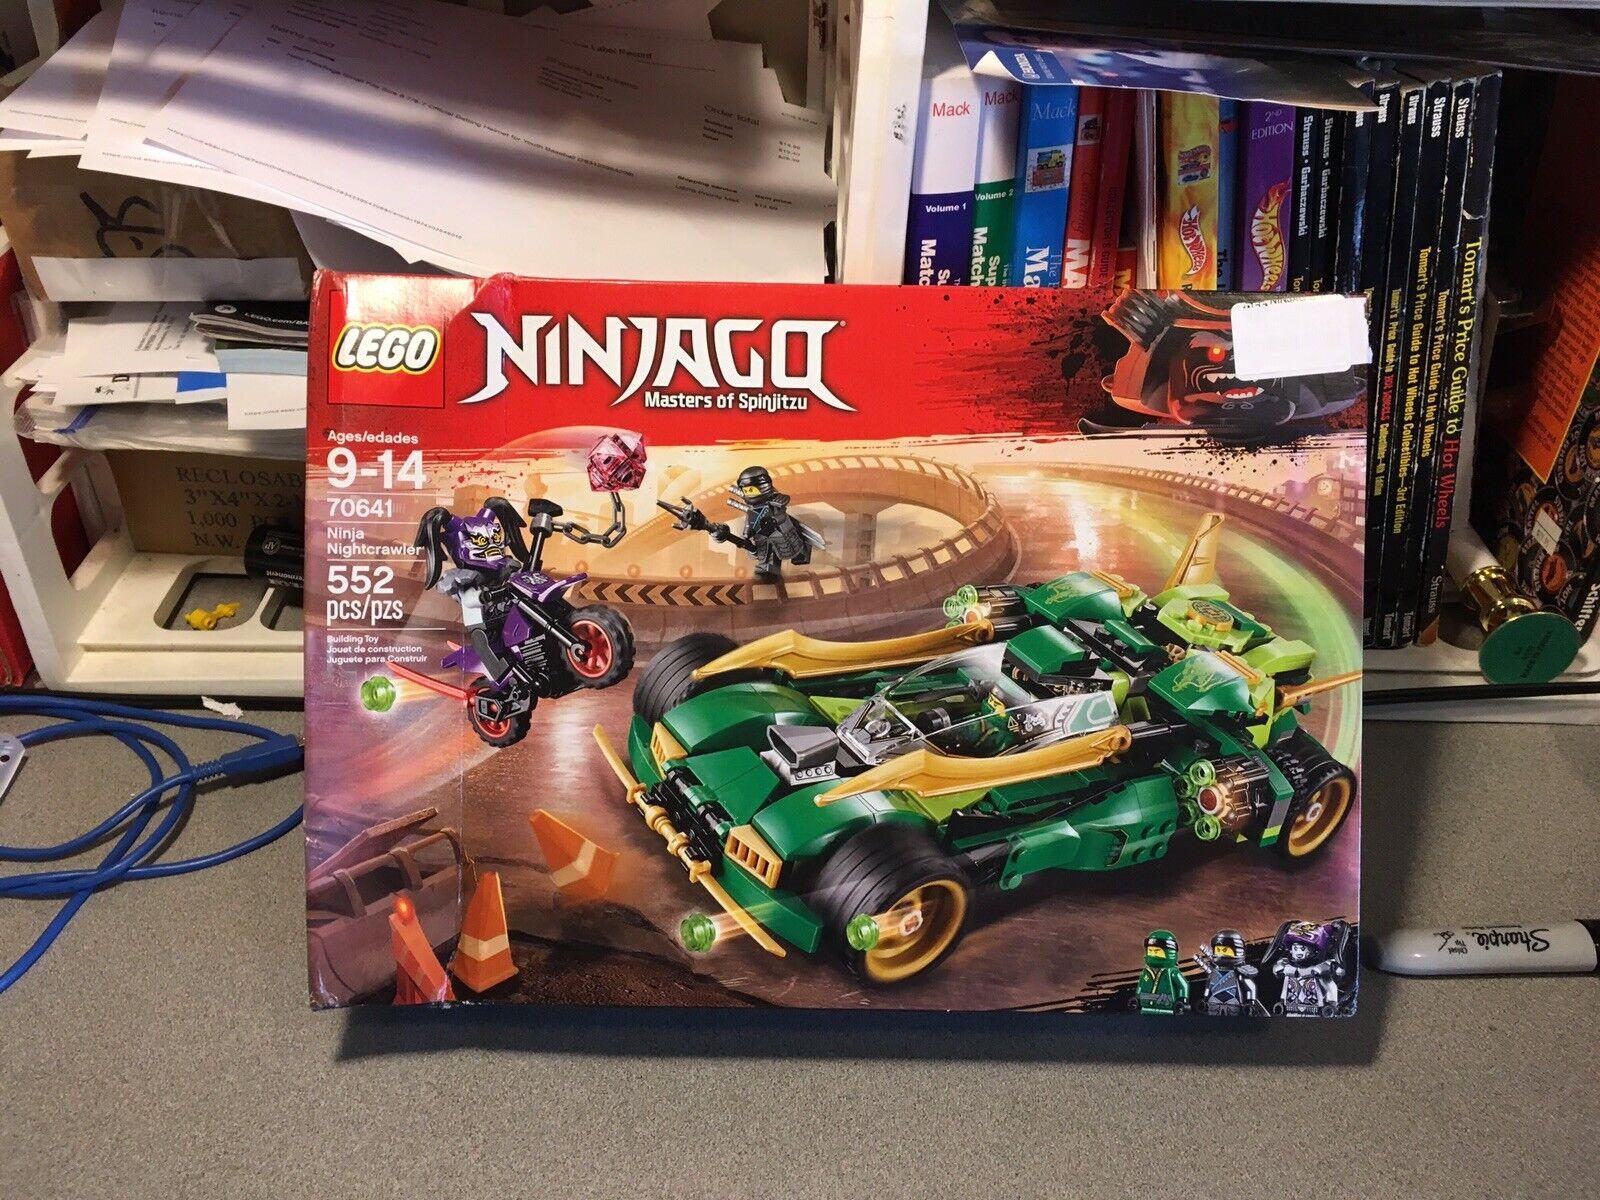 LEGO NINJAGO  Ninja Nightcrawler 70641 costruzione Kit (552 Piece)  il prezzo più basso